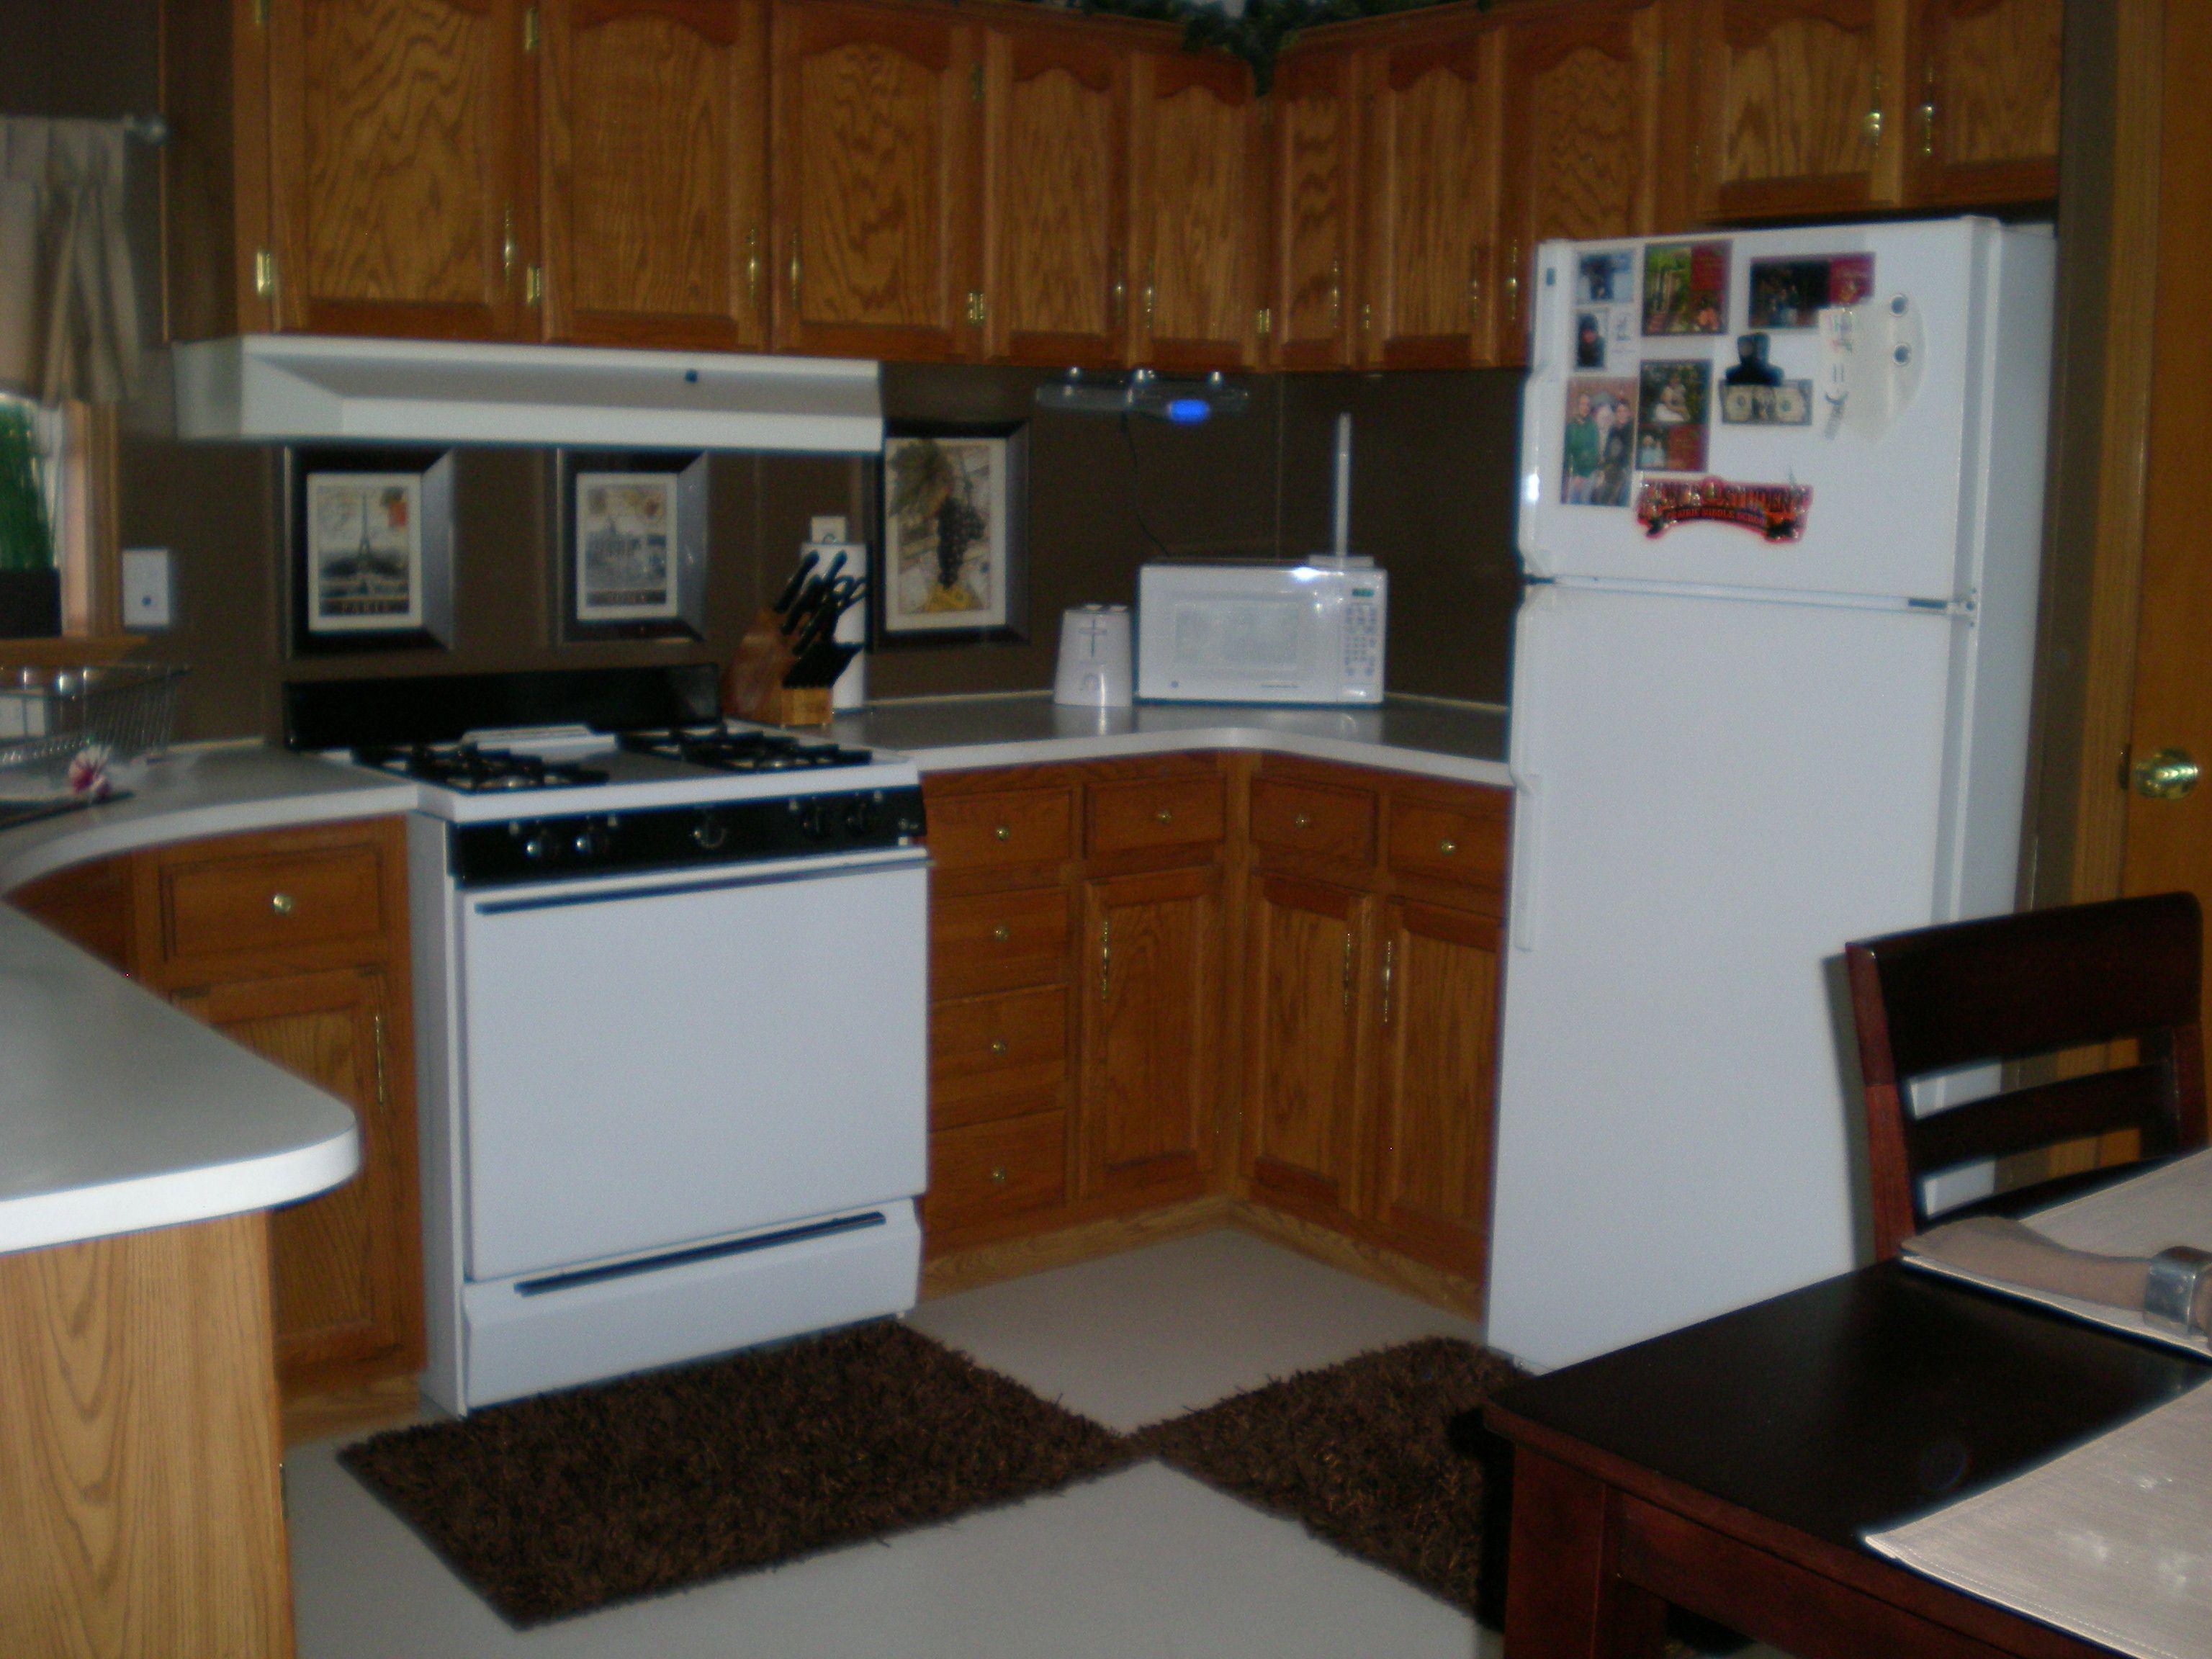 21 900 Cedar Rapids Iowa Real Estate Listing 505 Mitchell St Sw